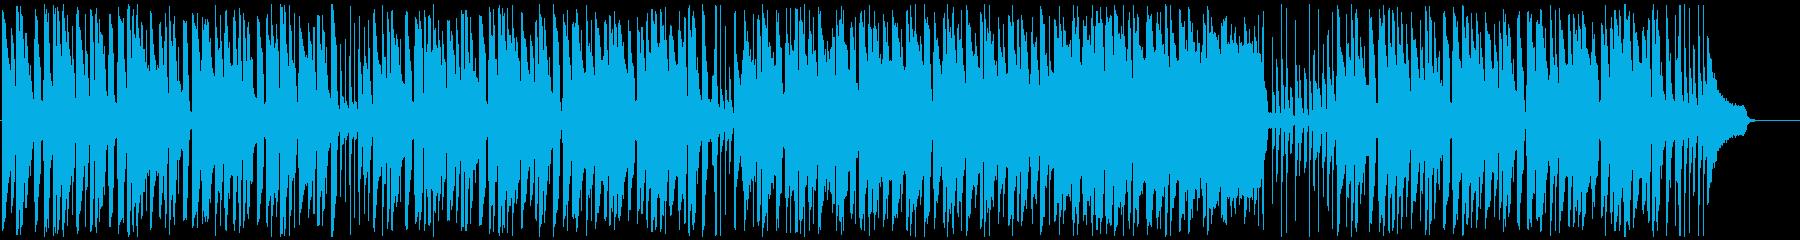 ほのぼの昼下がりのボサノバ風の再生済みの波形